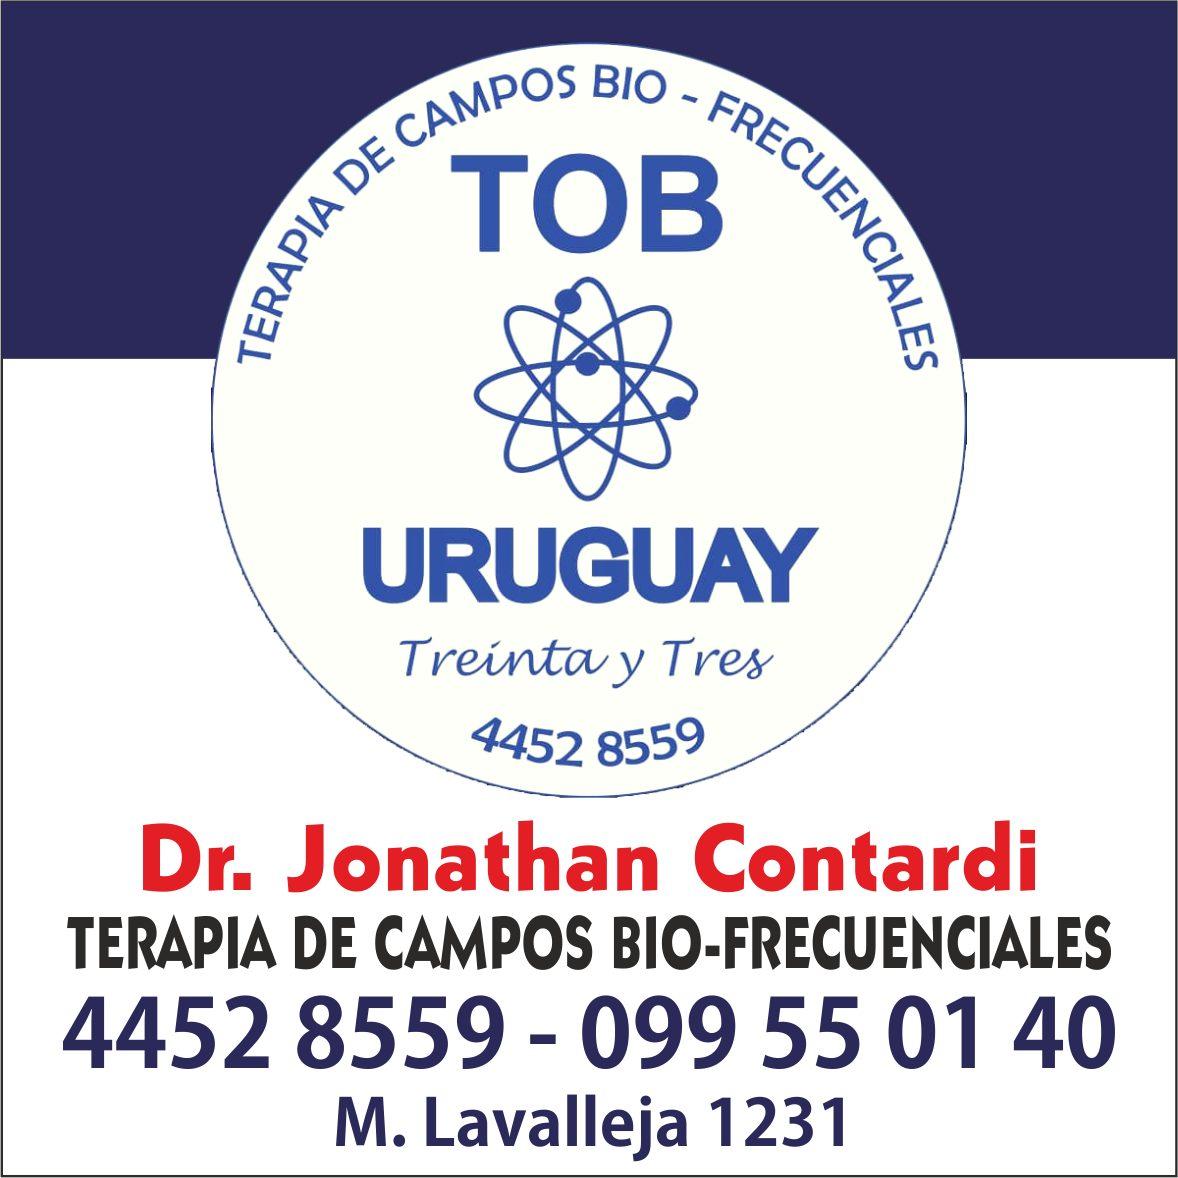 Terapia de campos bio-frecuenciales